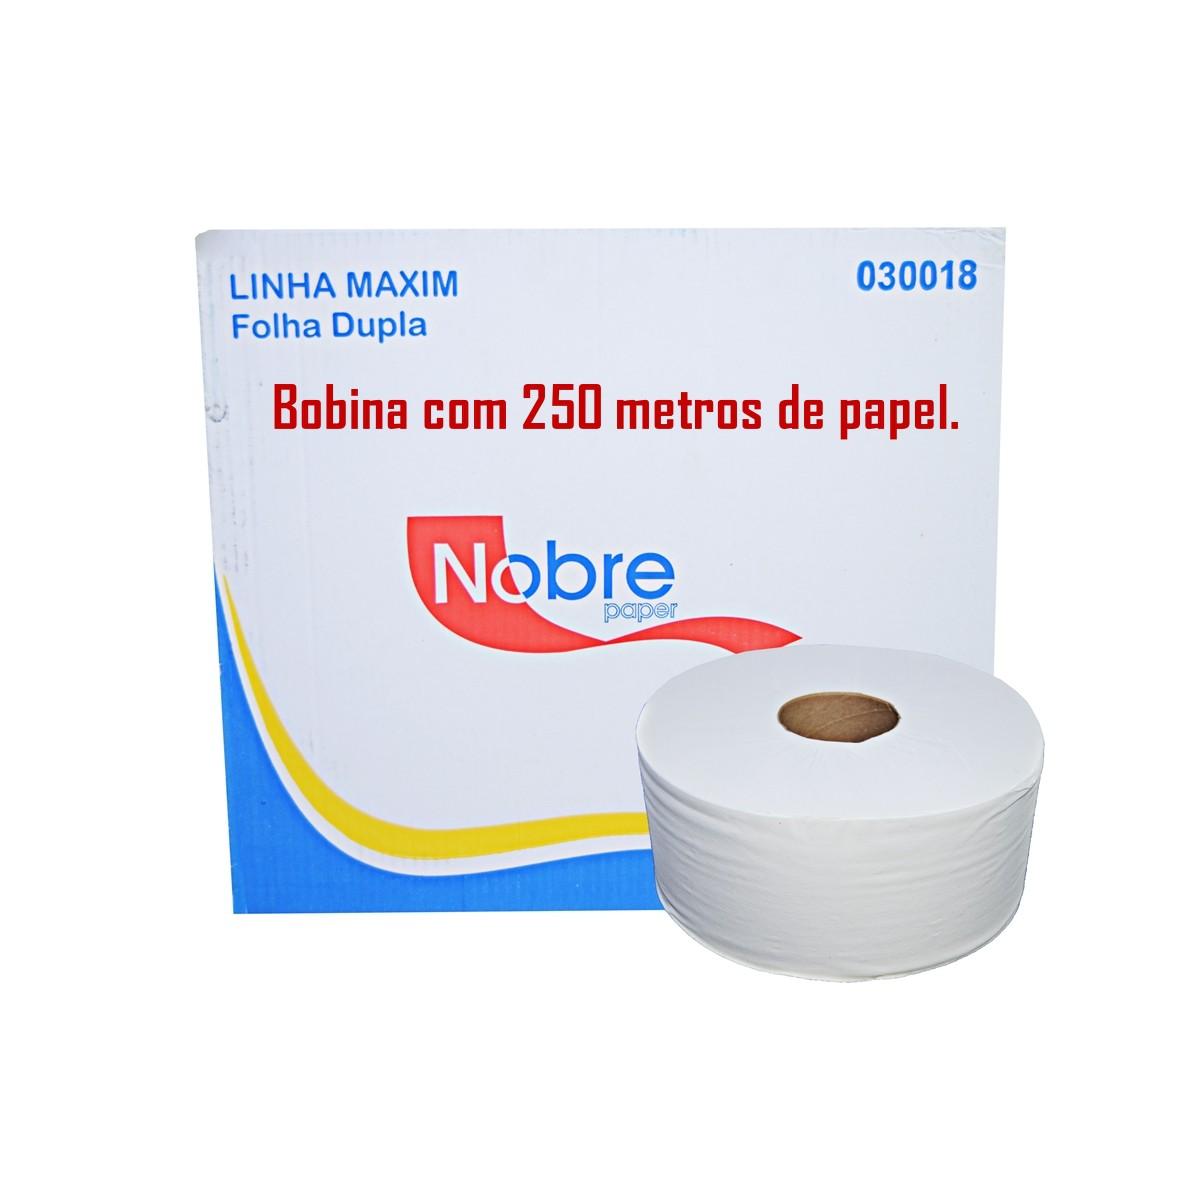 Papel Higiênico Rolão Institucional Nobre Maxim Folha Dupla 250m com 8 Bobinas